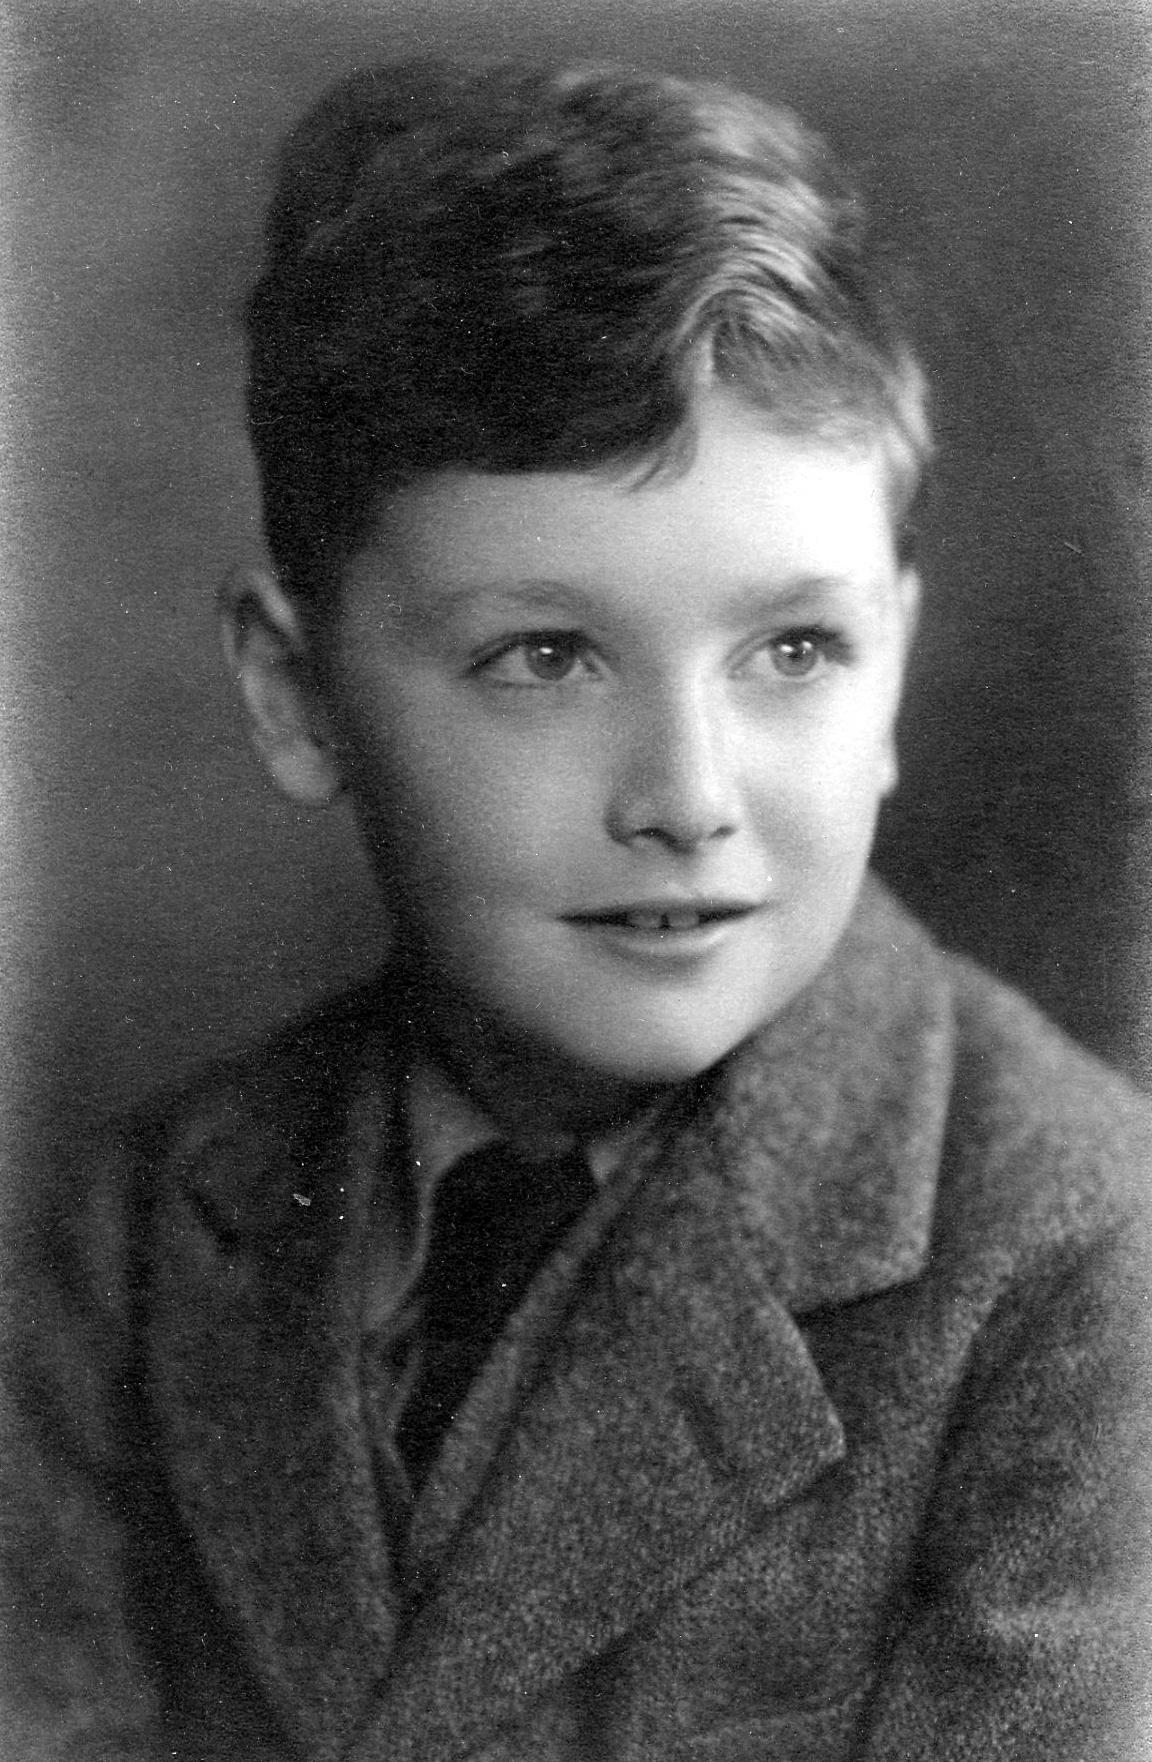 John Evans-Pughe, 1939